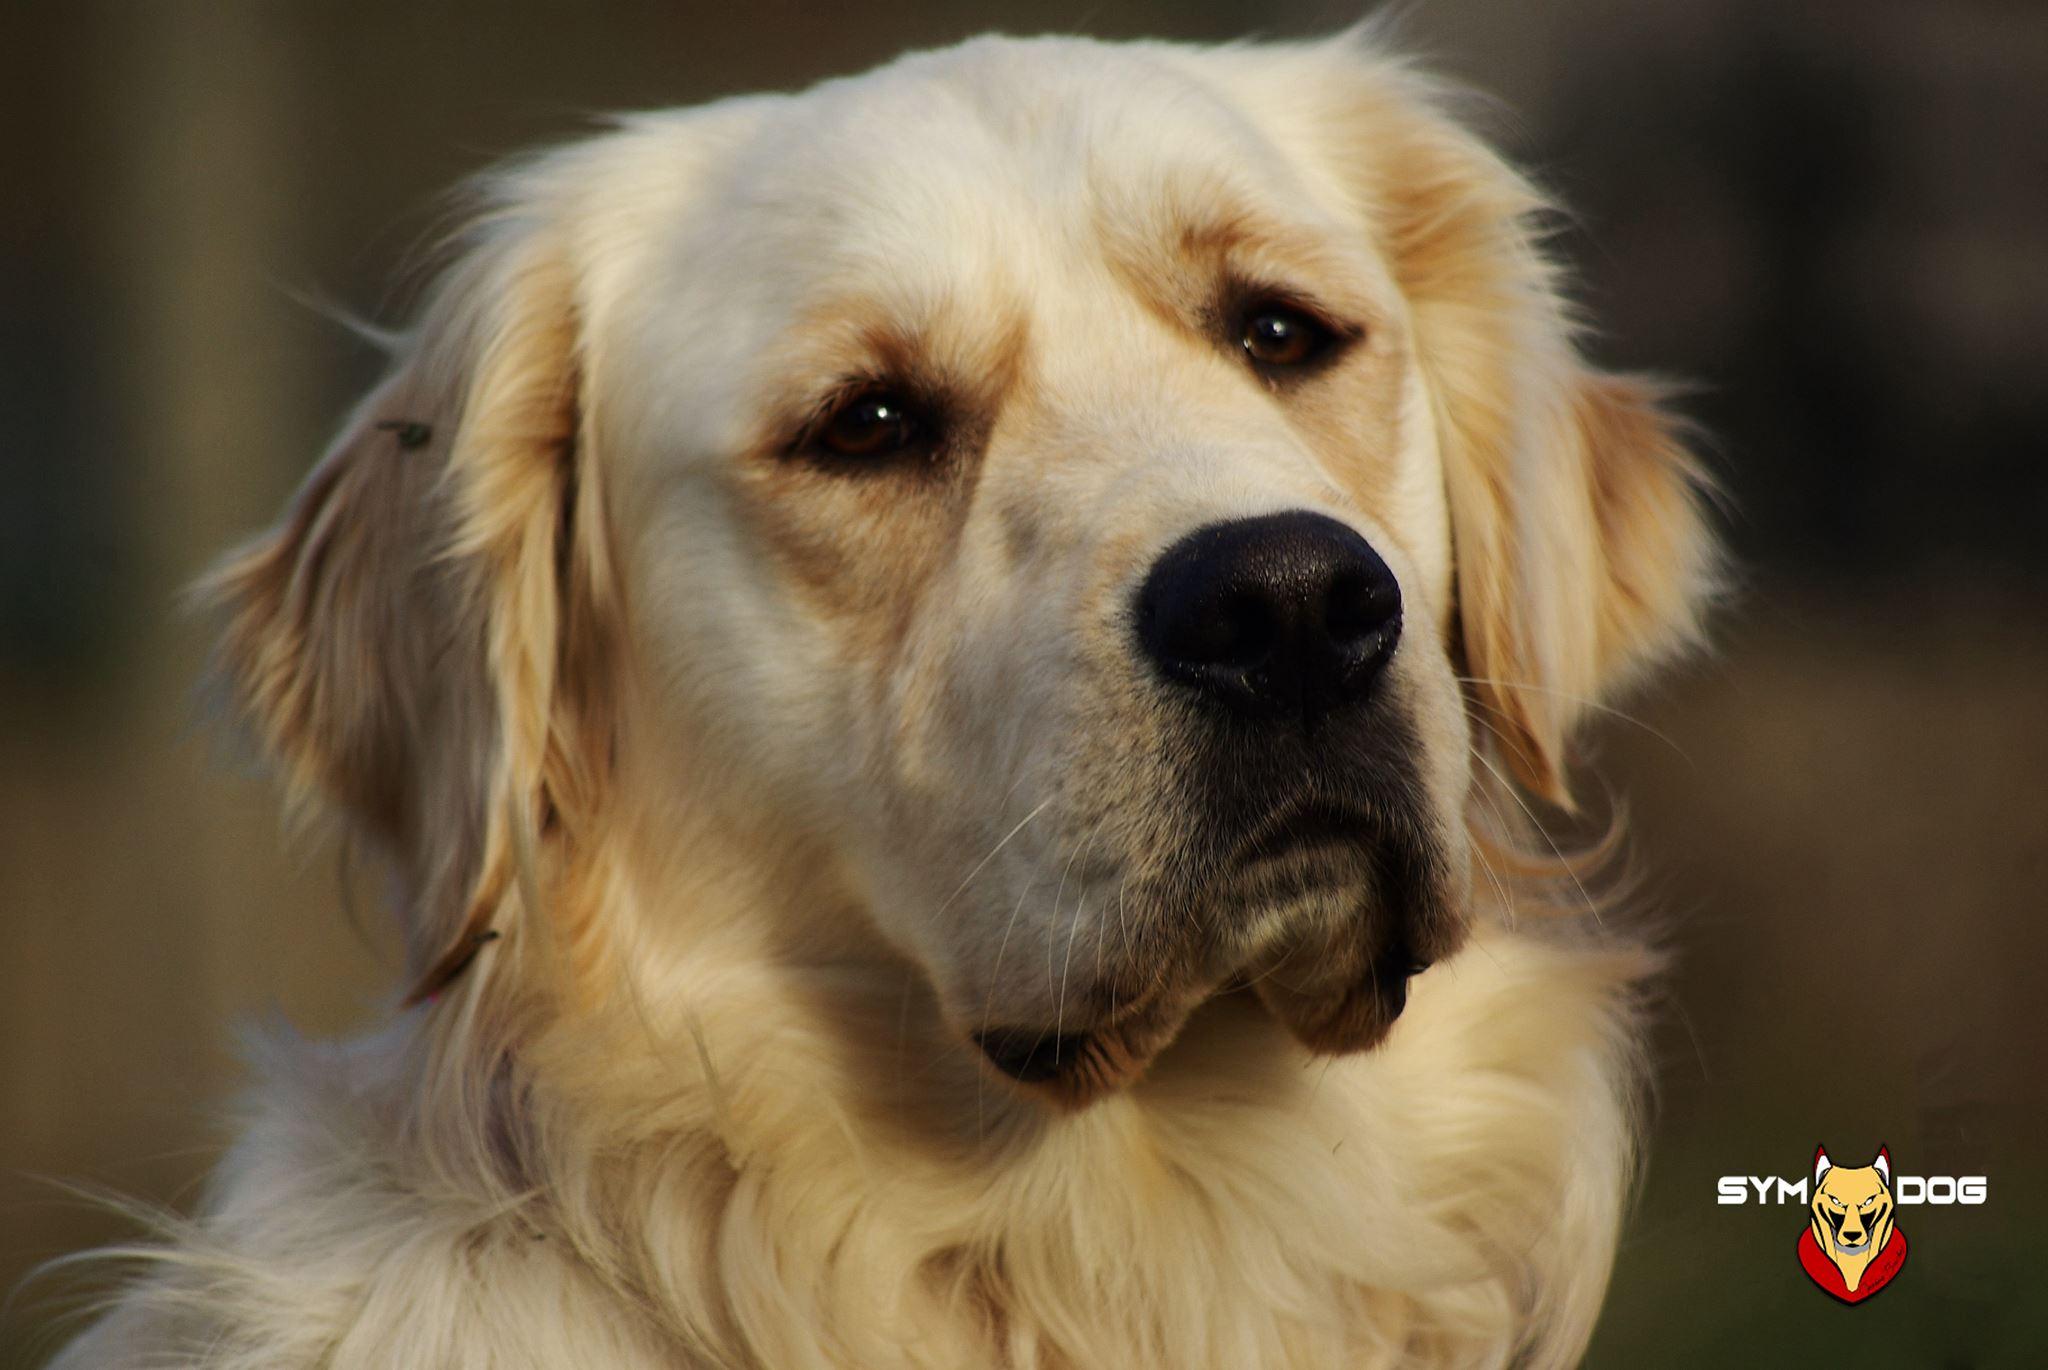 educateur canin 66, educateur canin